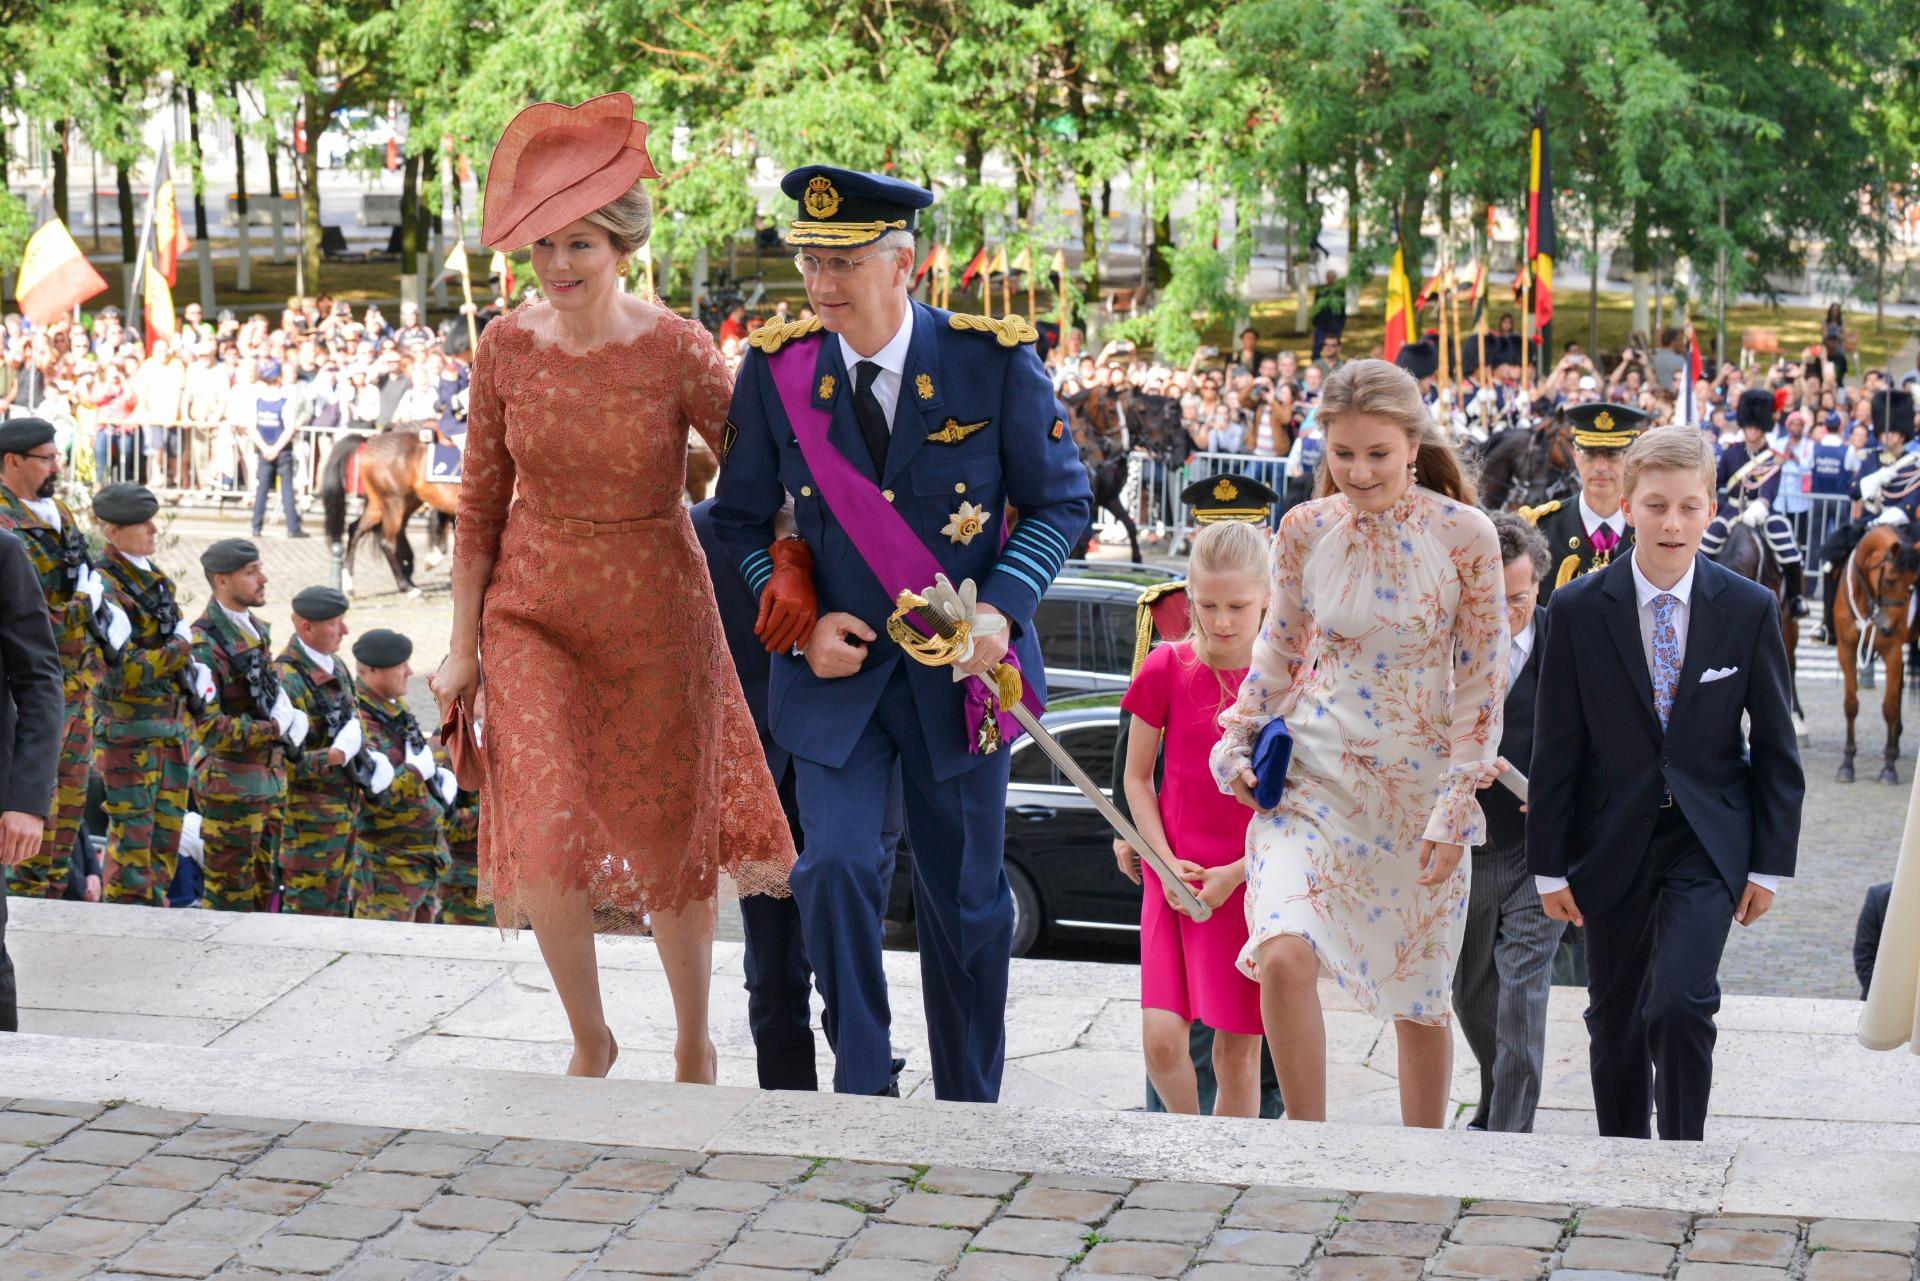 La Reine Mathilde monte les escaliers avec sa famille et porte le chapeau Birdy couleur cuivre.